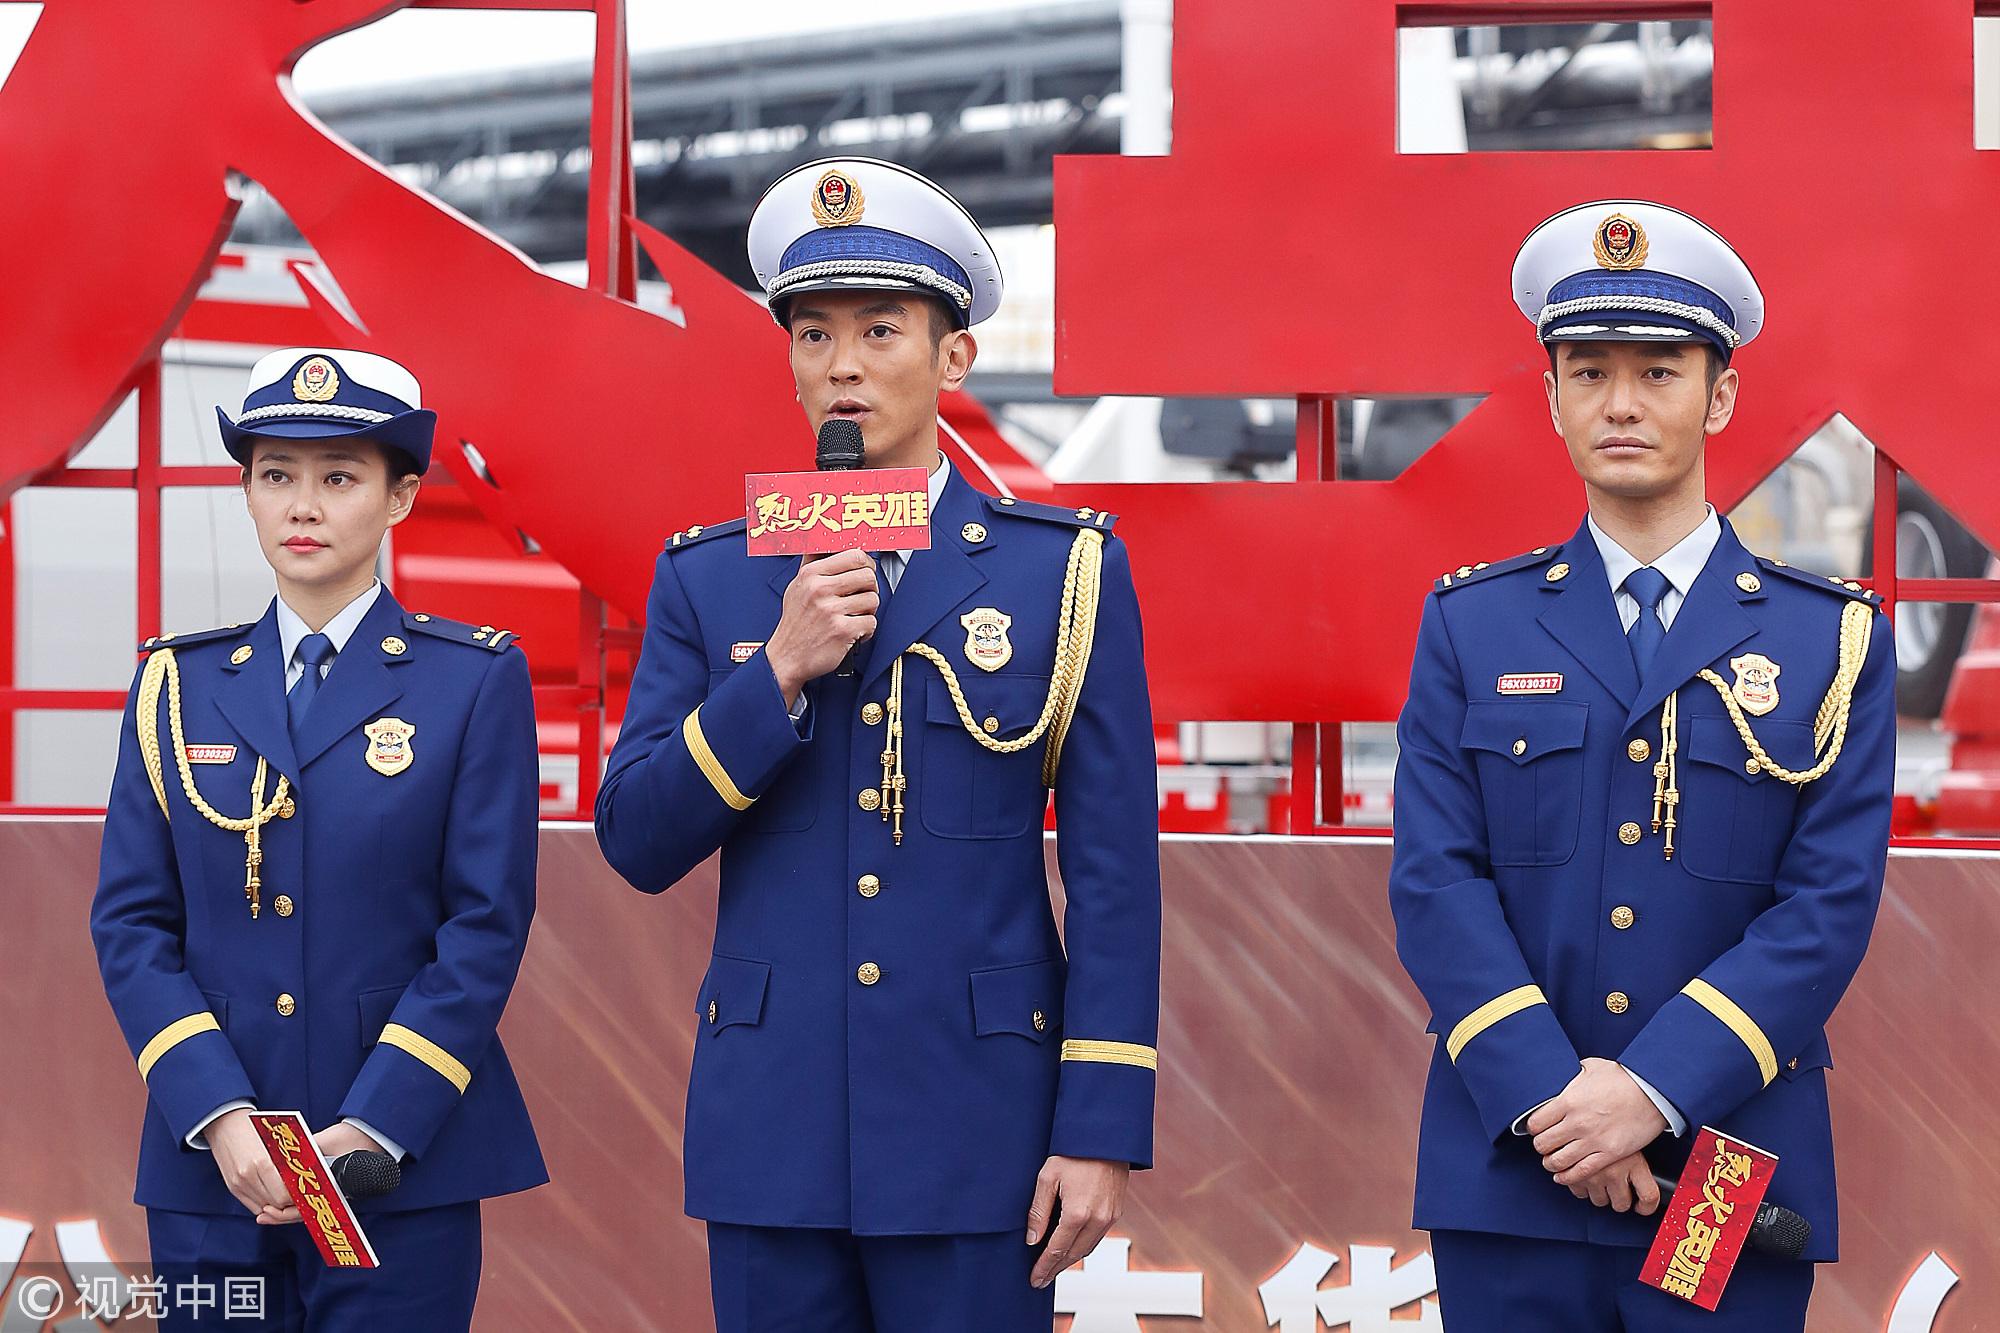 《烈火英雄》杜江、印小天演绎最帅消防员 黄晓明行军礼英姿勃发帅掉渣